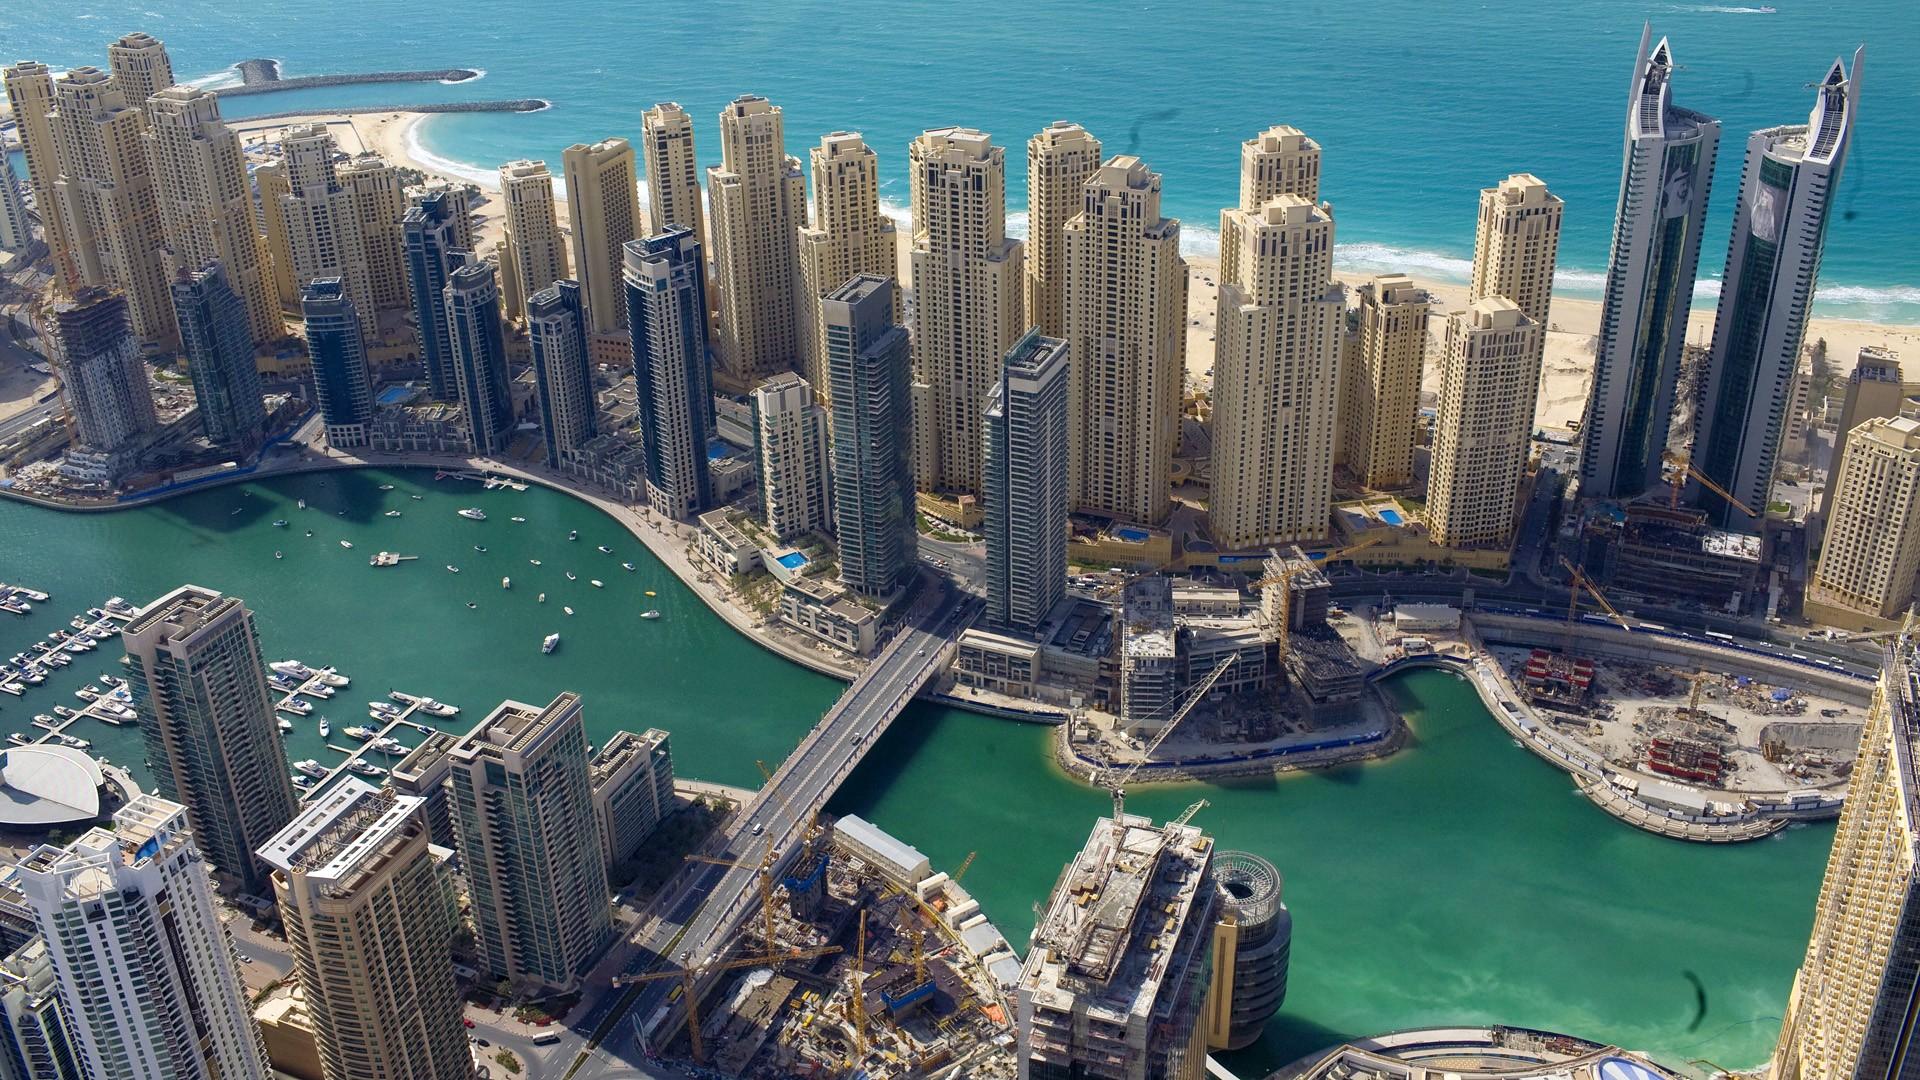 ACCORDO MILANO EXPO 2015 – DUBAI EXPO 2020